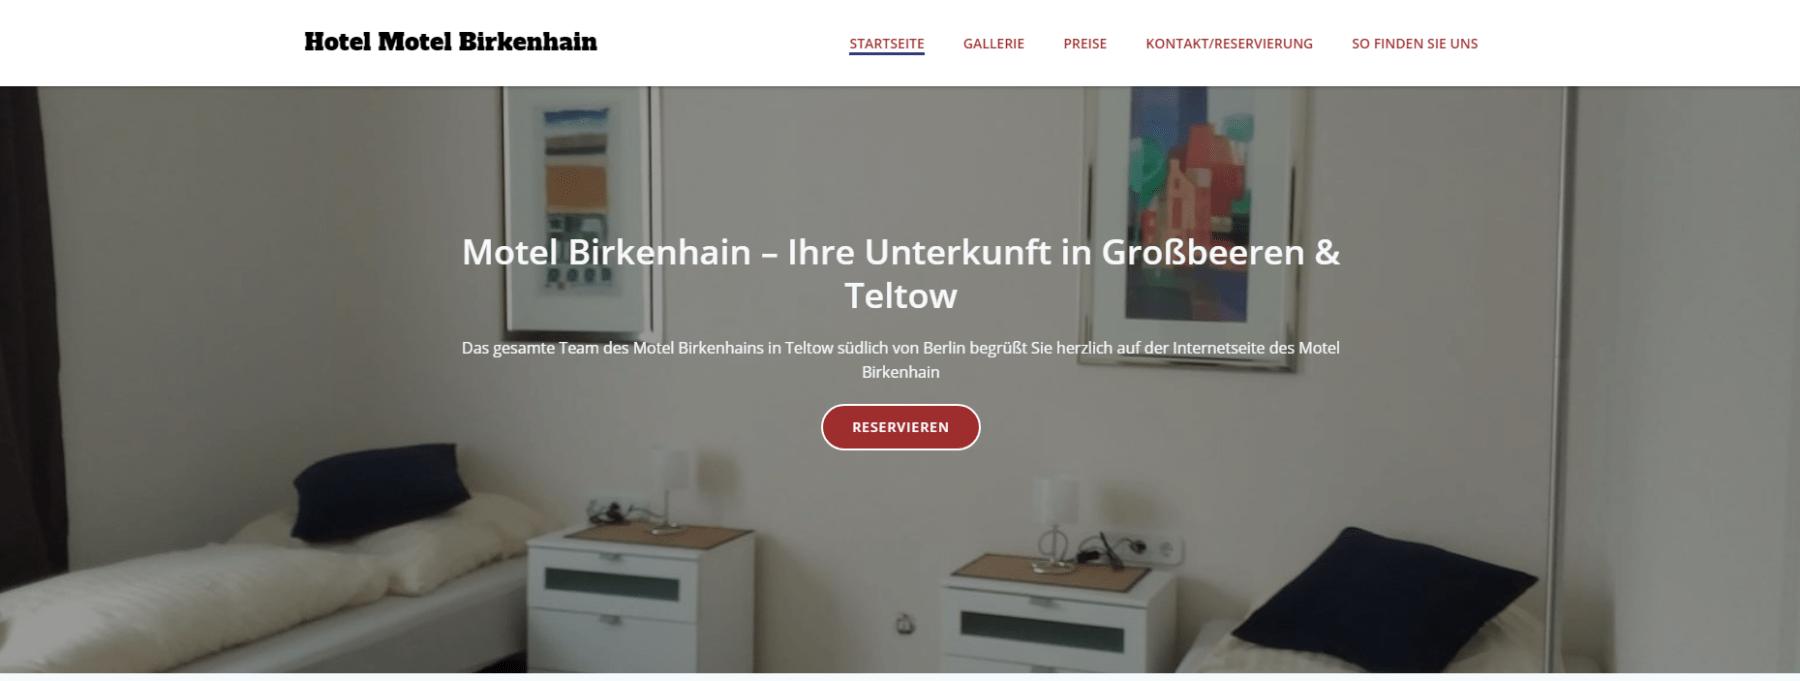 Motel Birkenhain